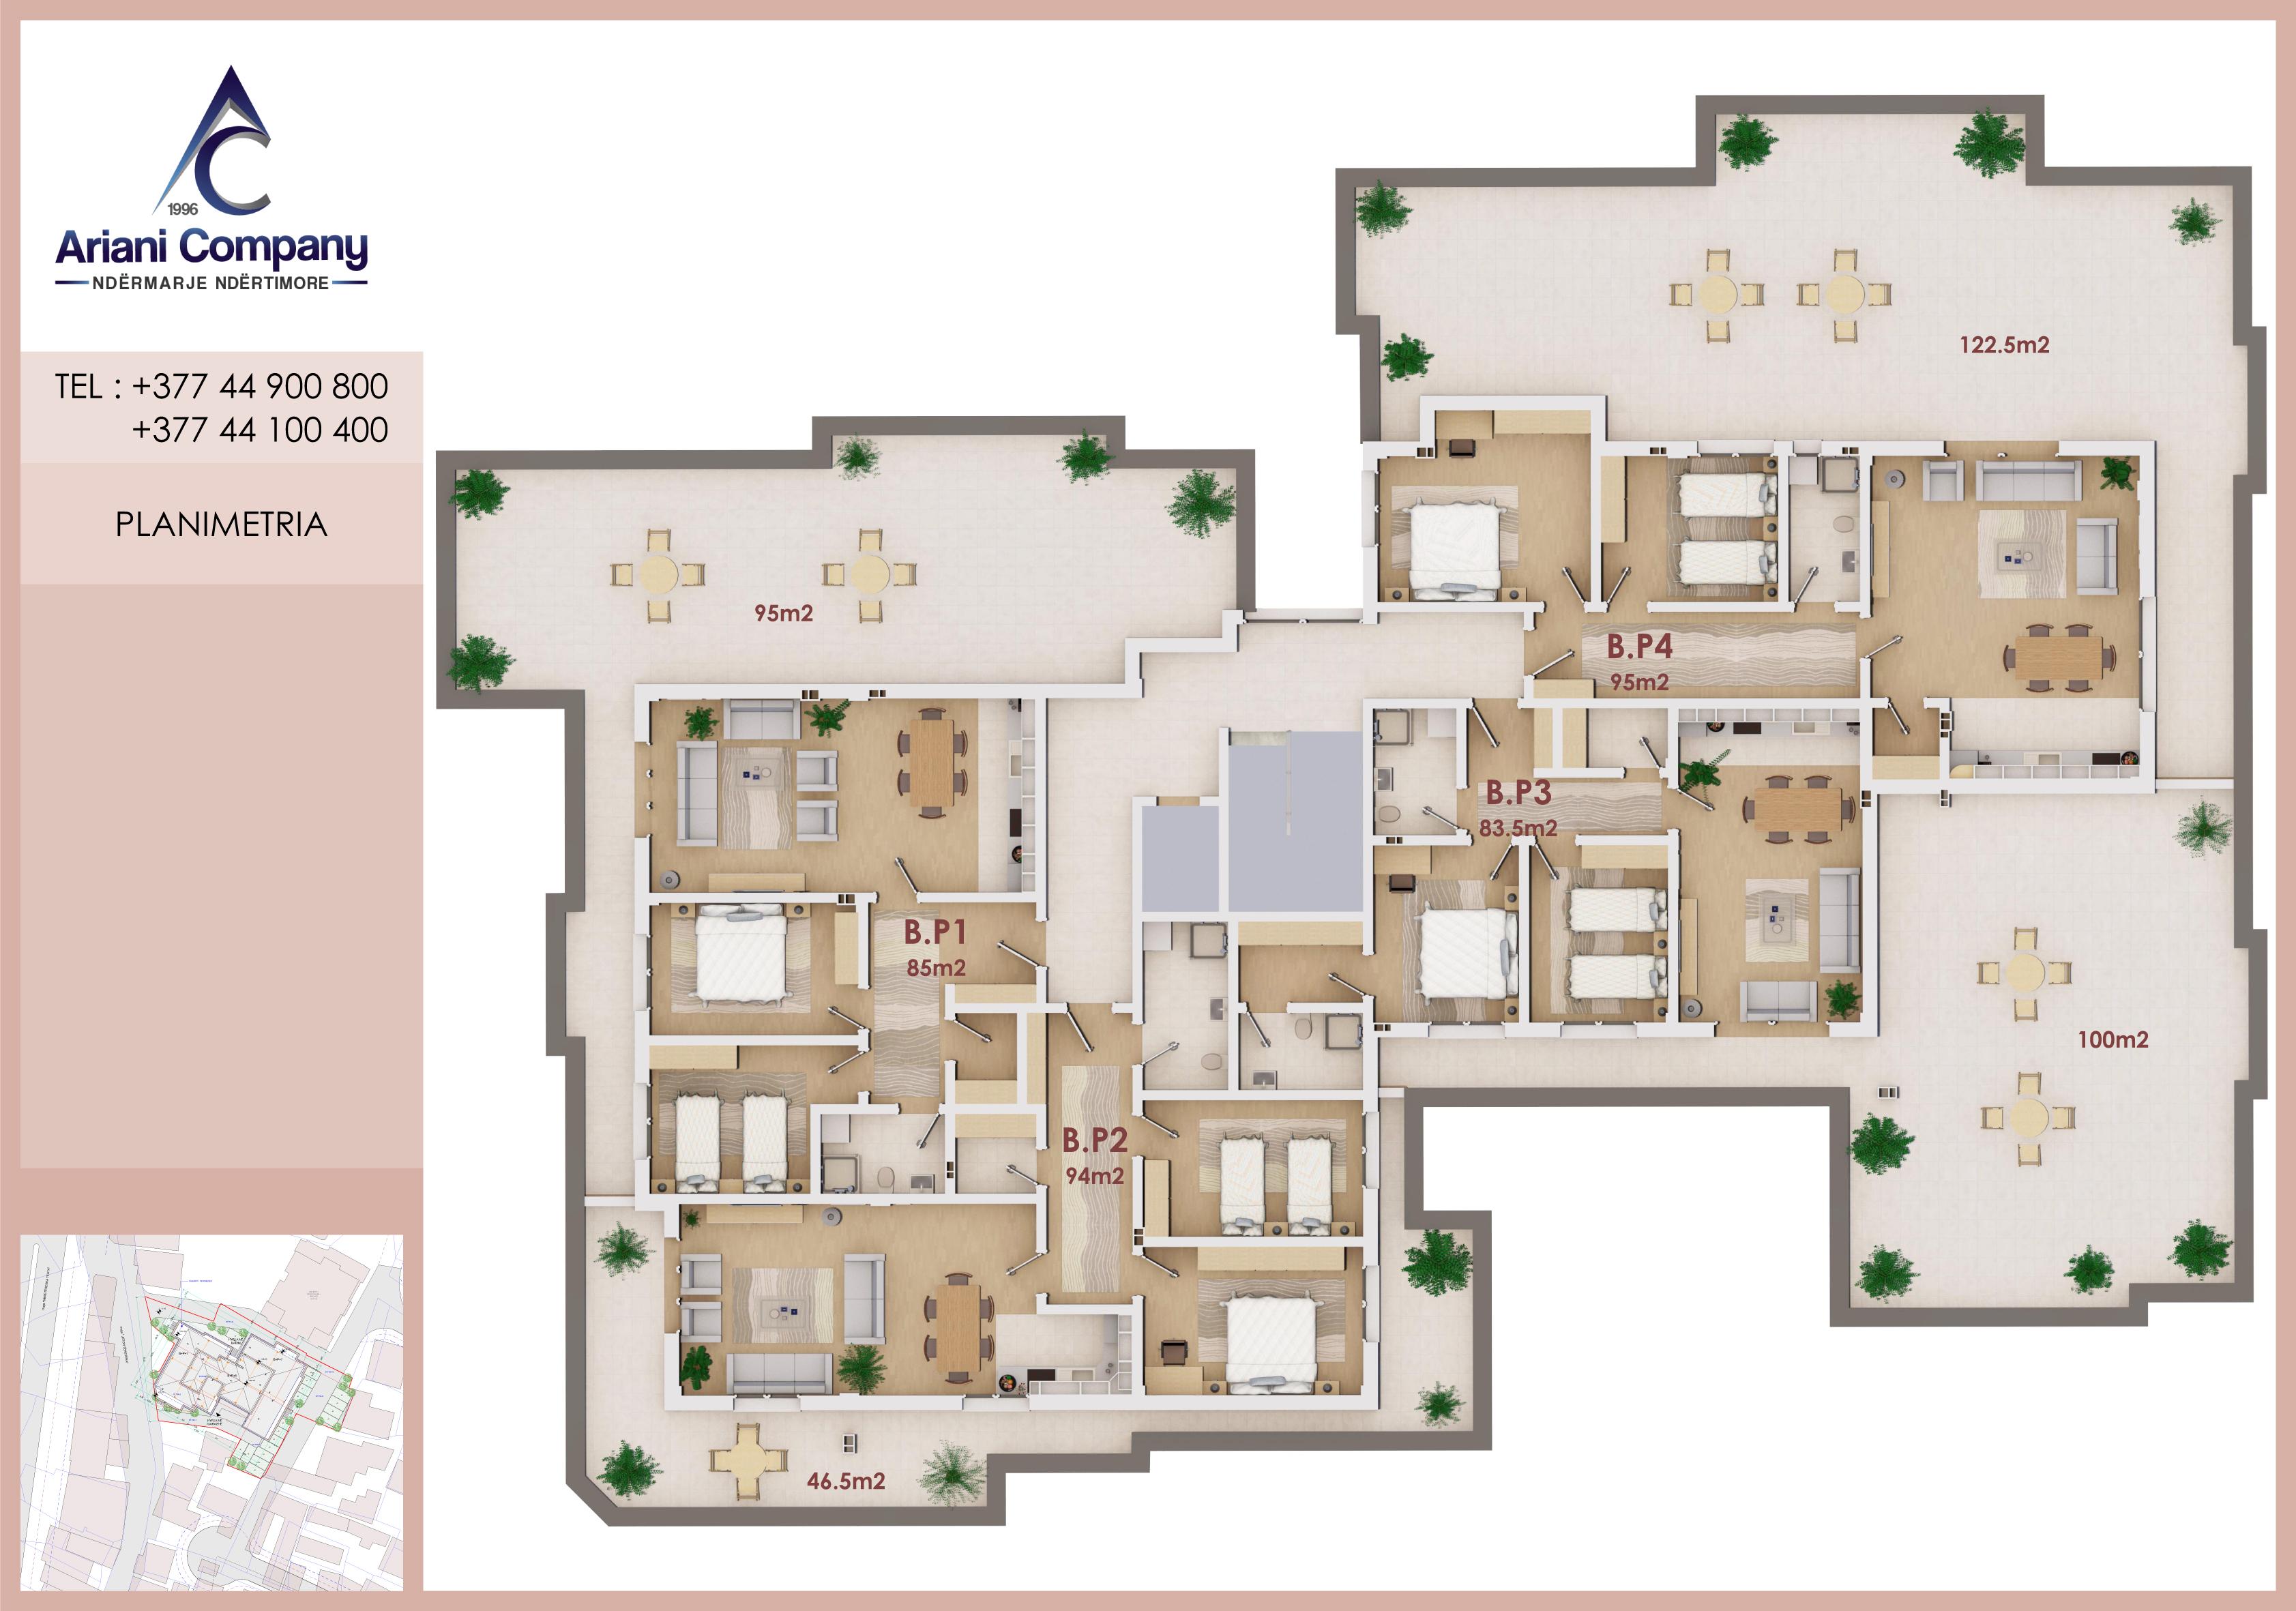 00-planimetria-penthouse